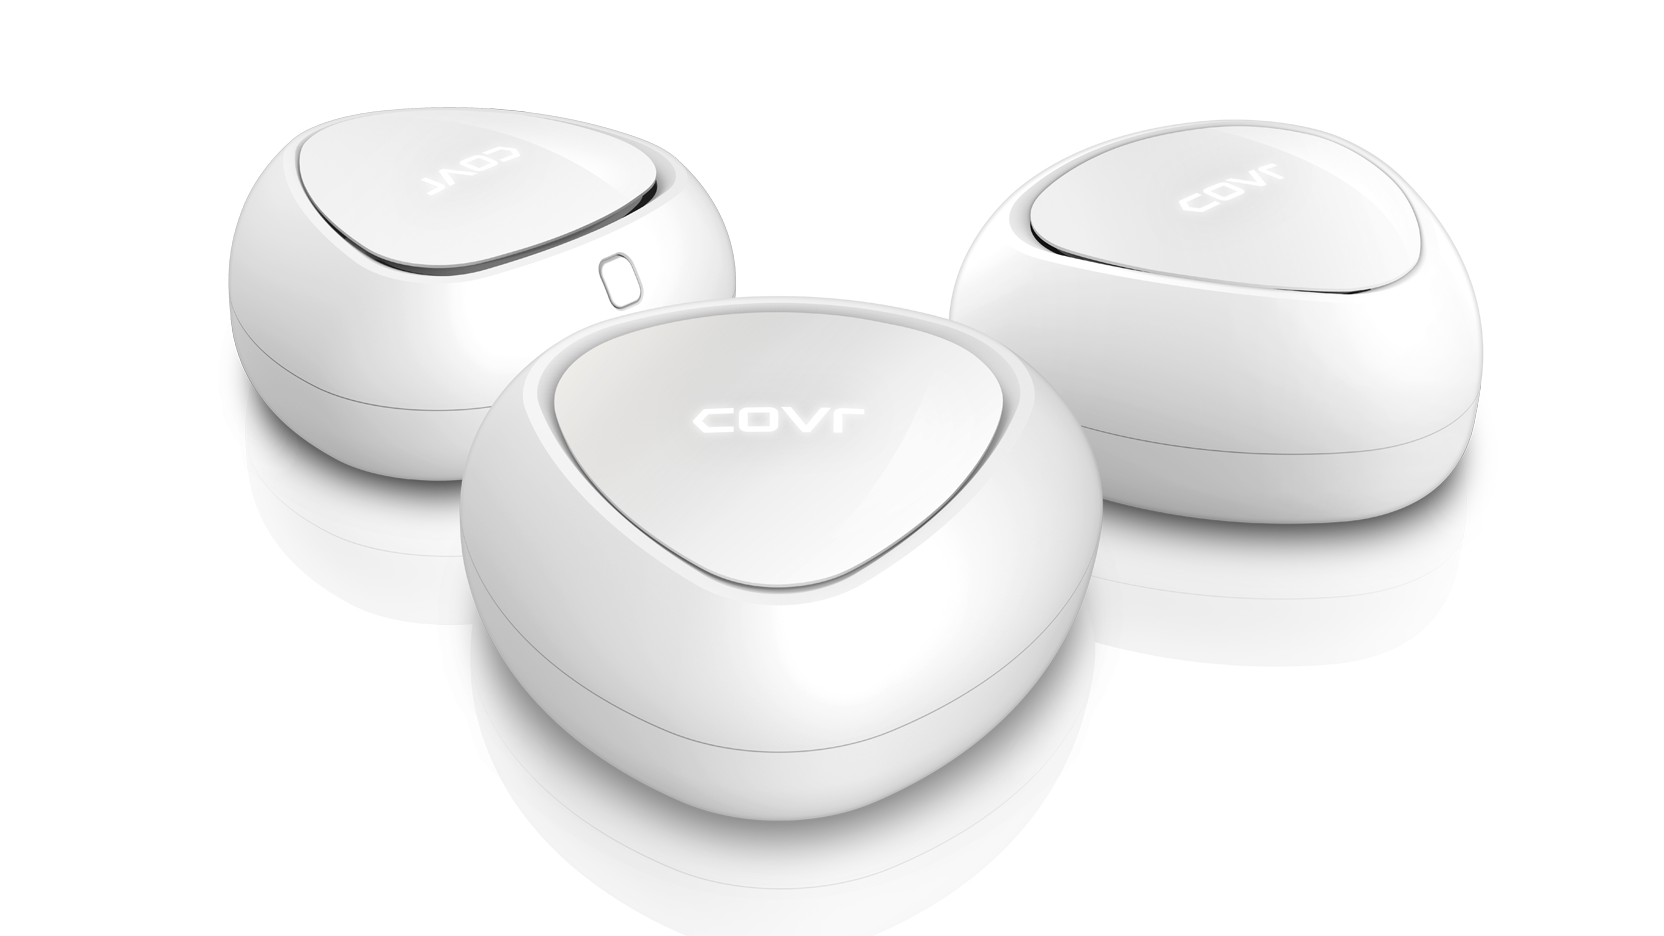 COVR-C1203 3-Pack White